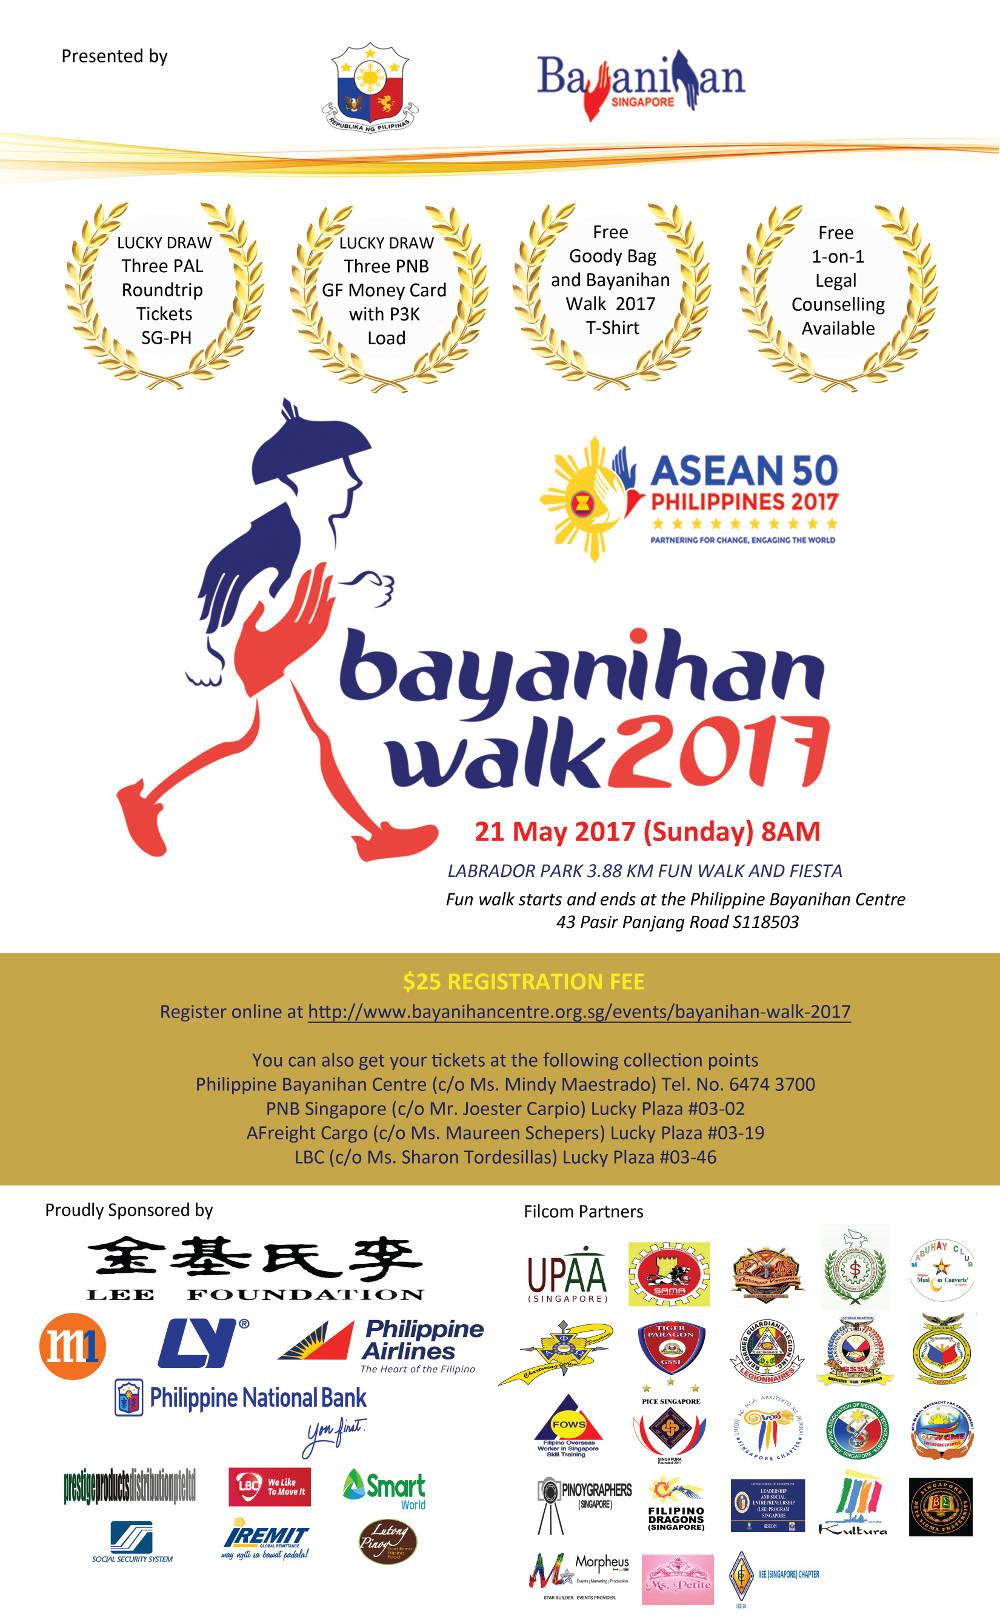 Bayanihan Walk 2017